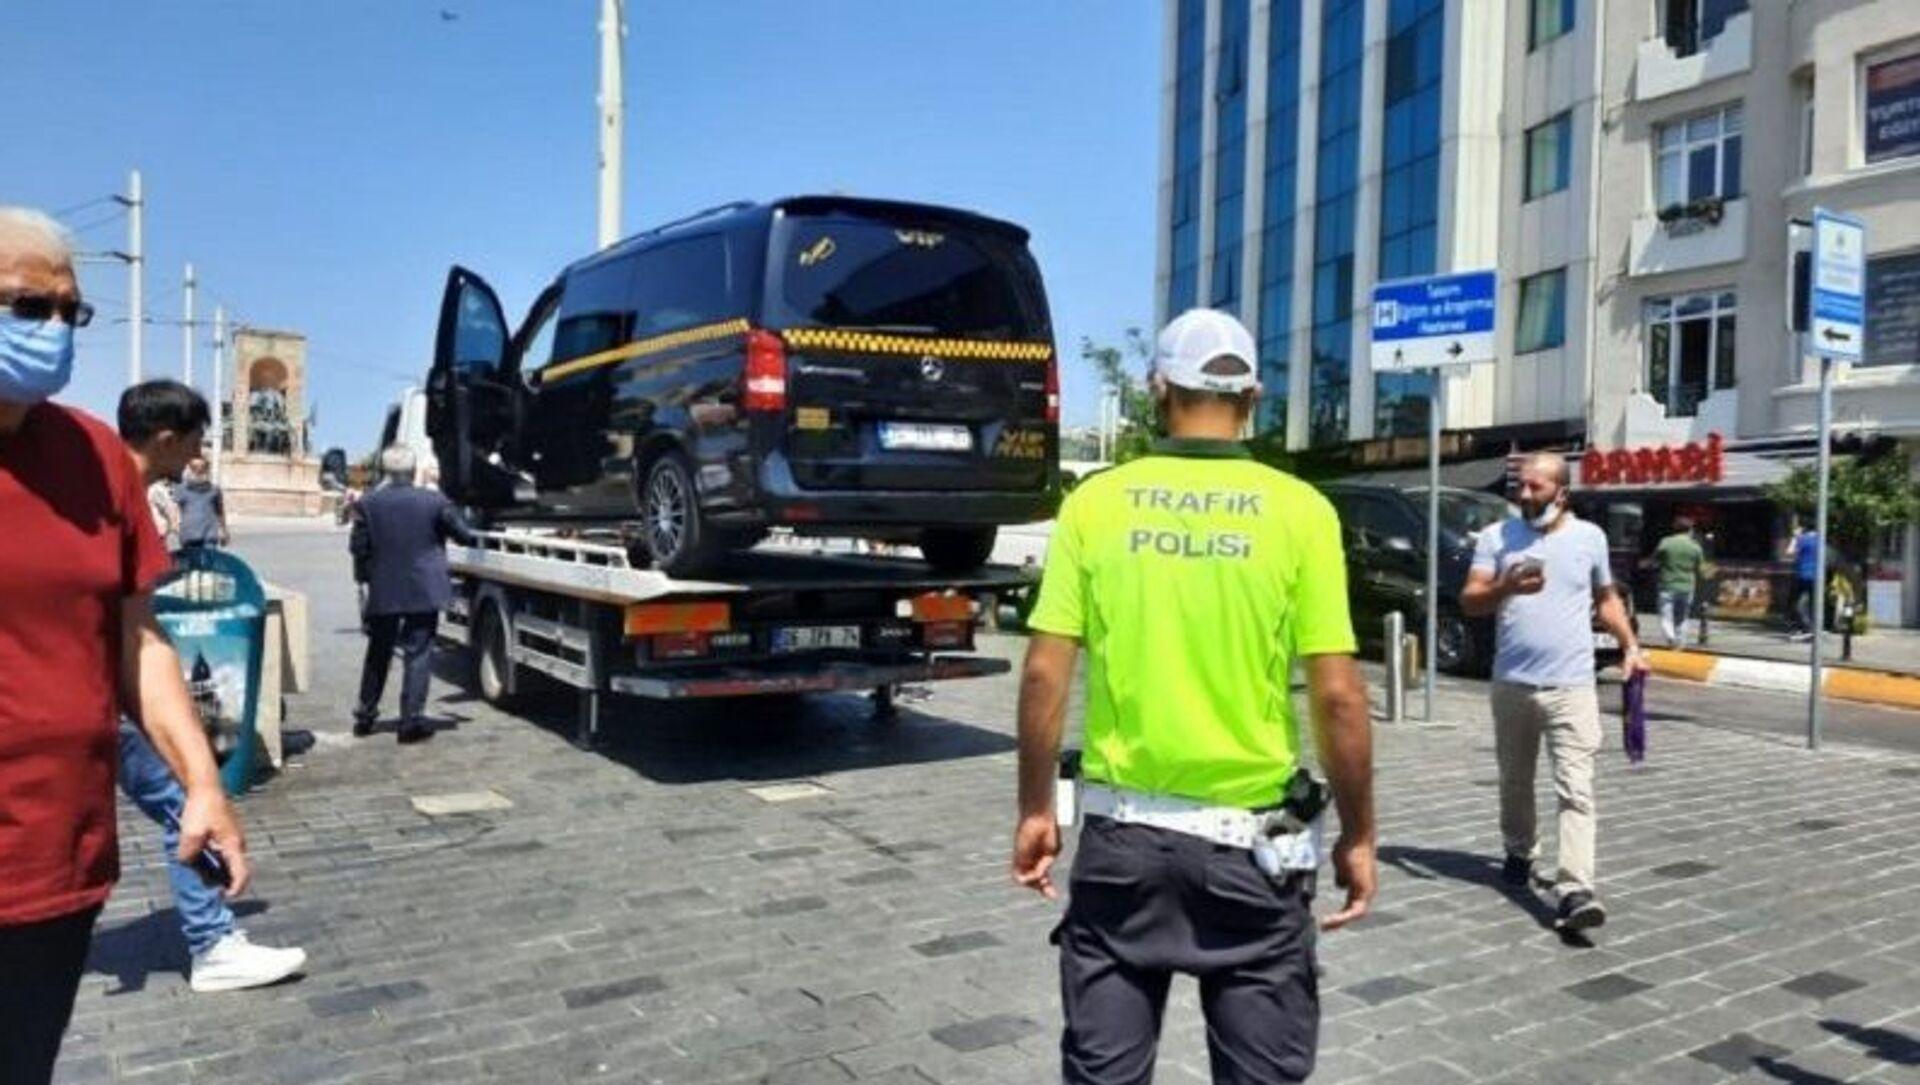 Turistlerden fahiş ücret isteyen minibüs taksi, Taksim - Sputnik Türkiye, 1920, 04.08.2021